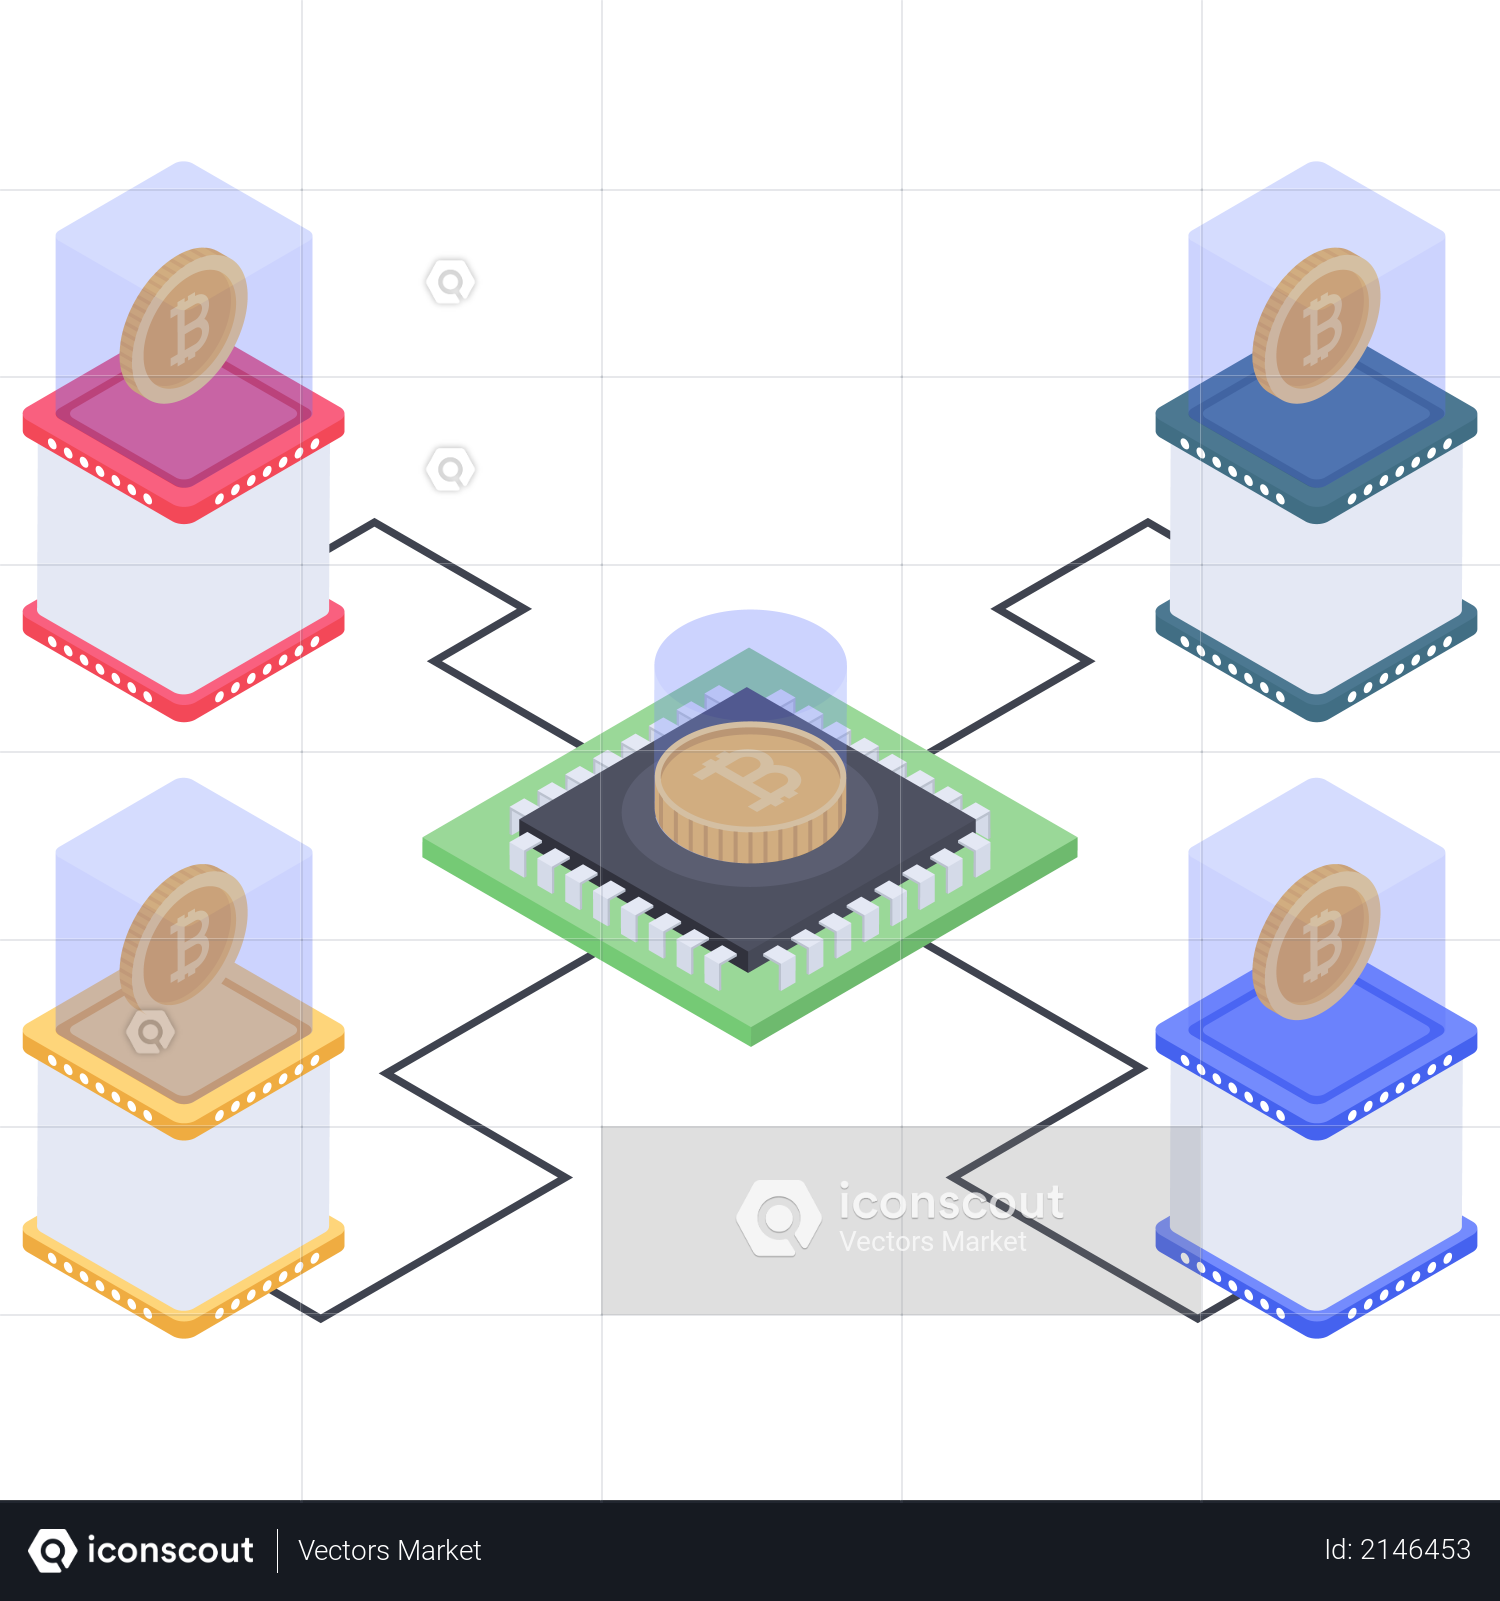 Bitcoin creation Illustration